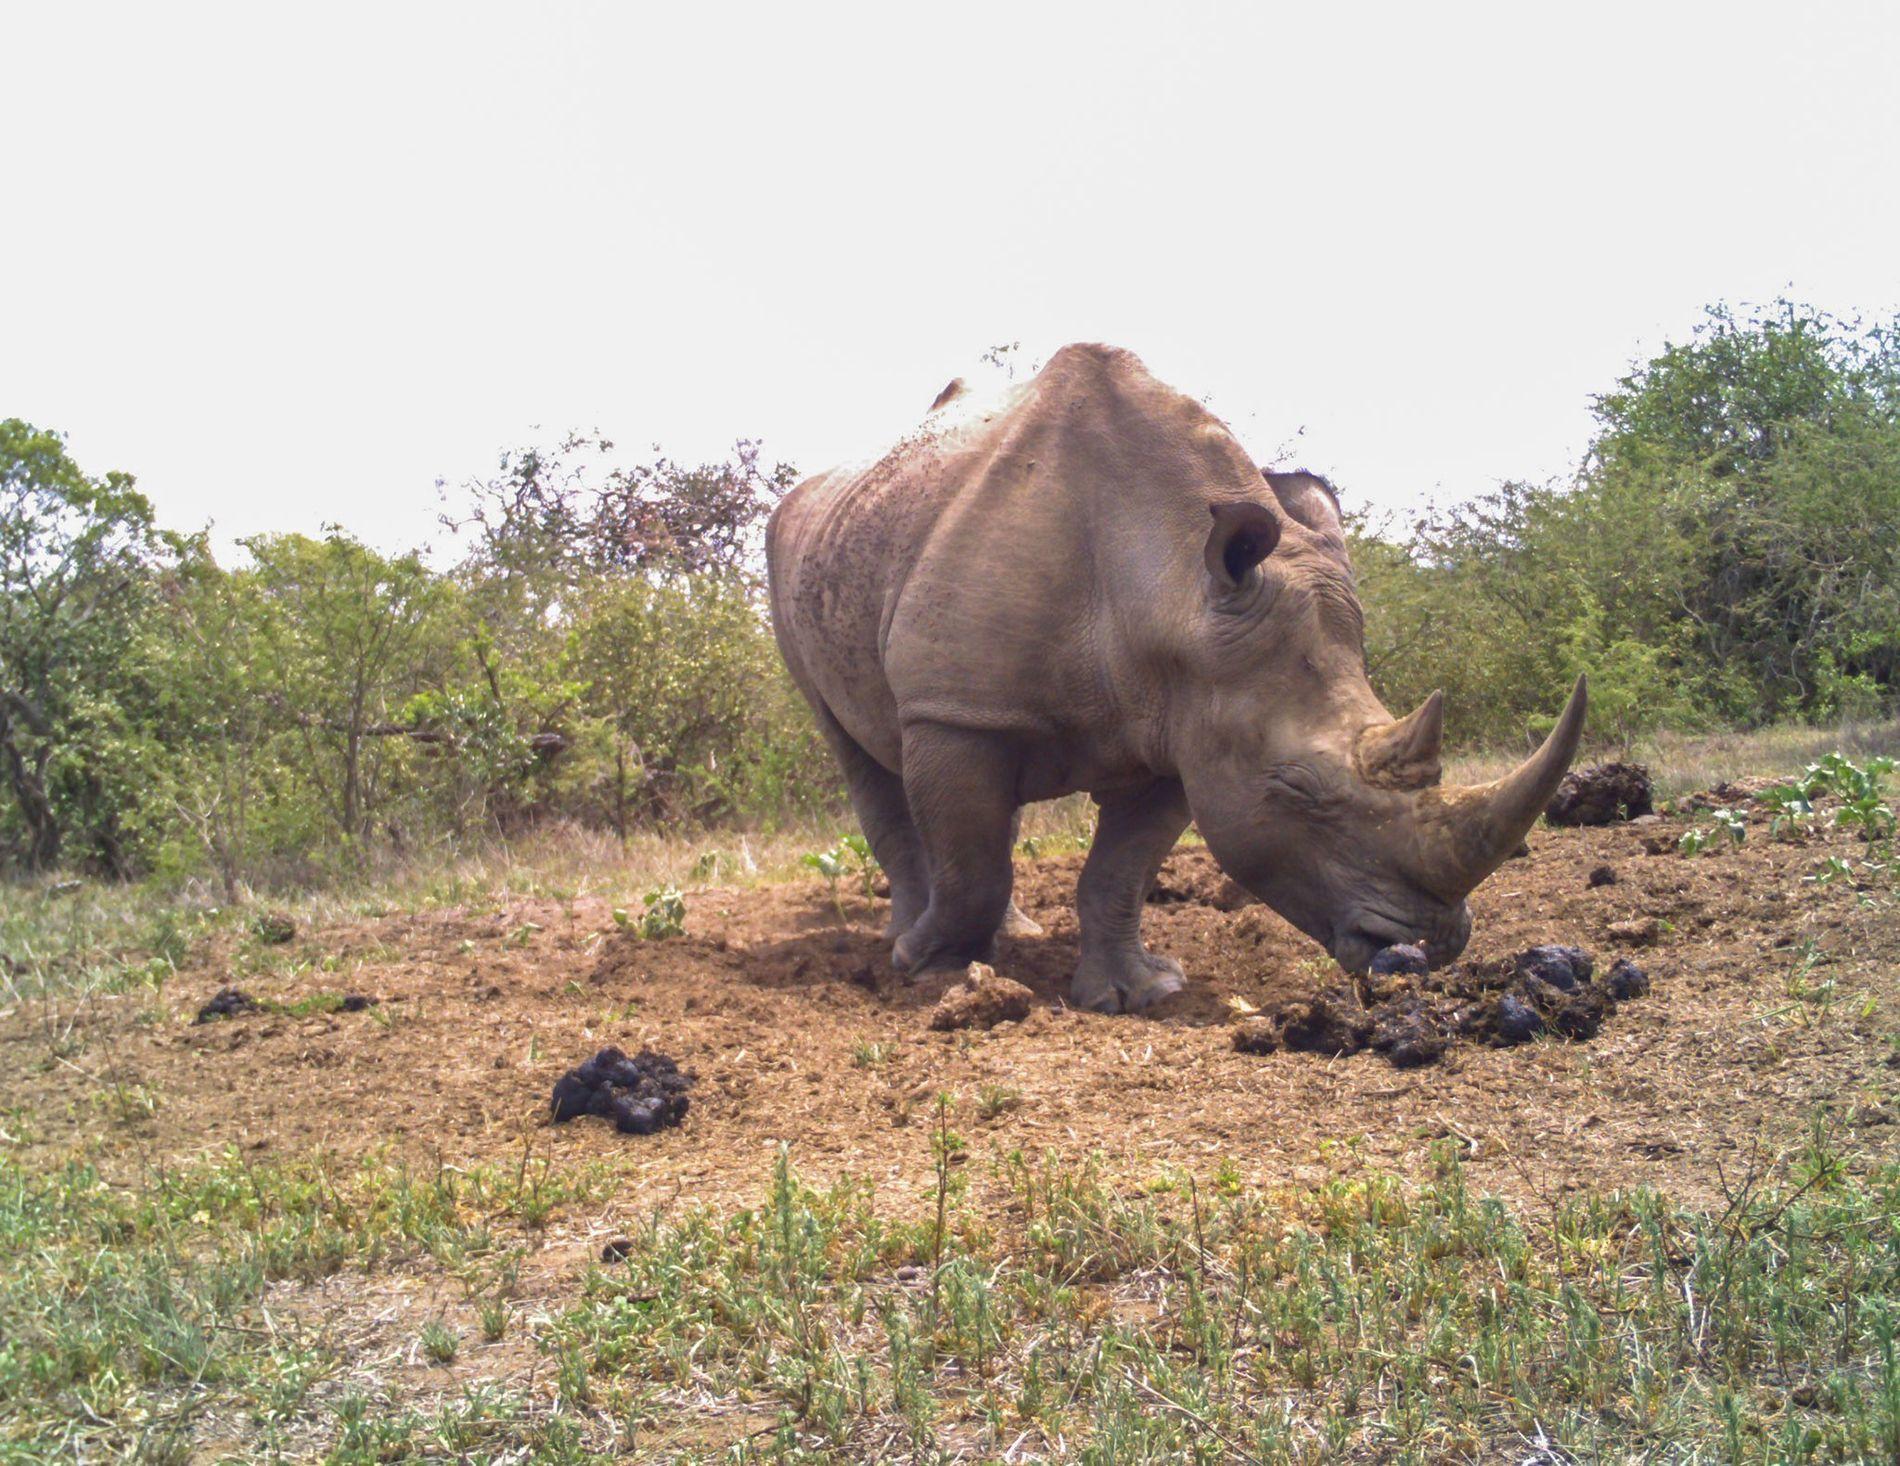 01-rhino-poop-gossip